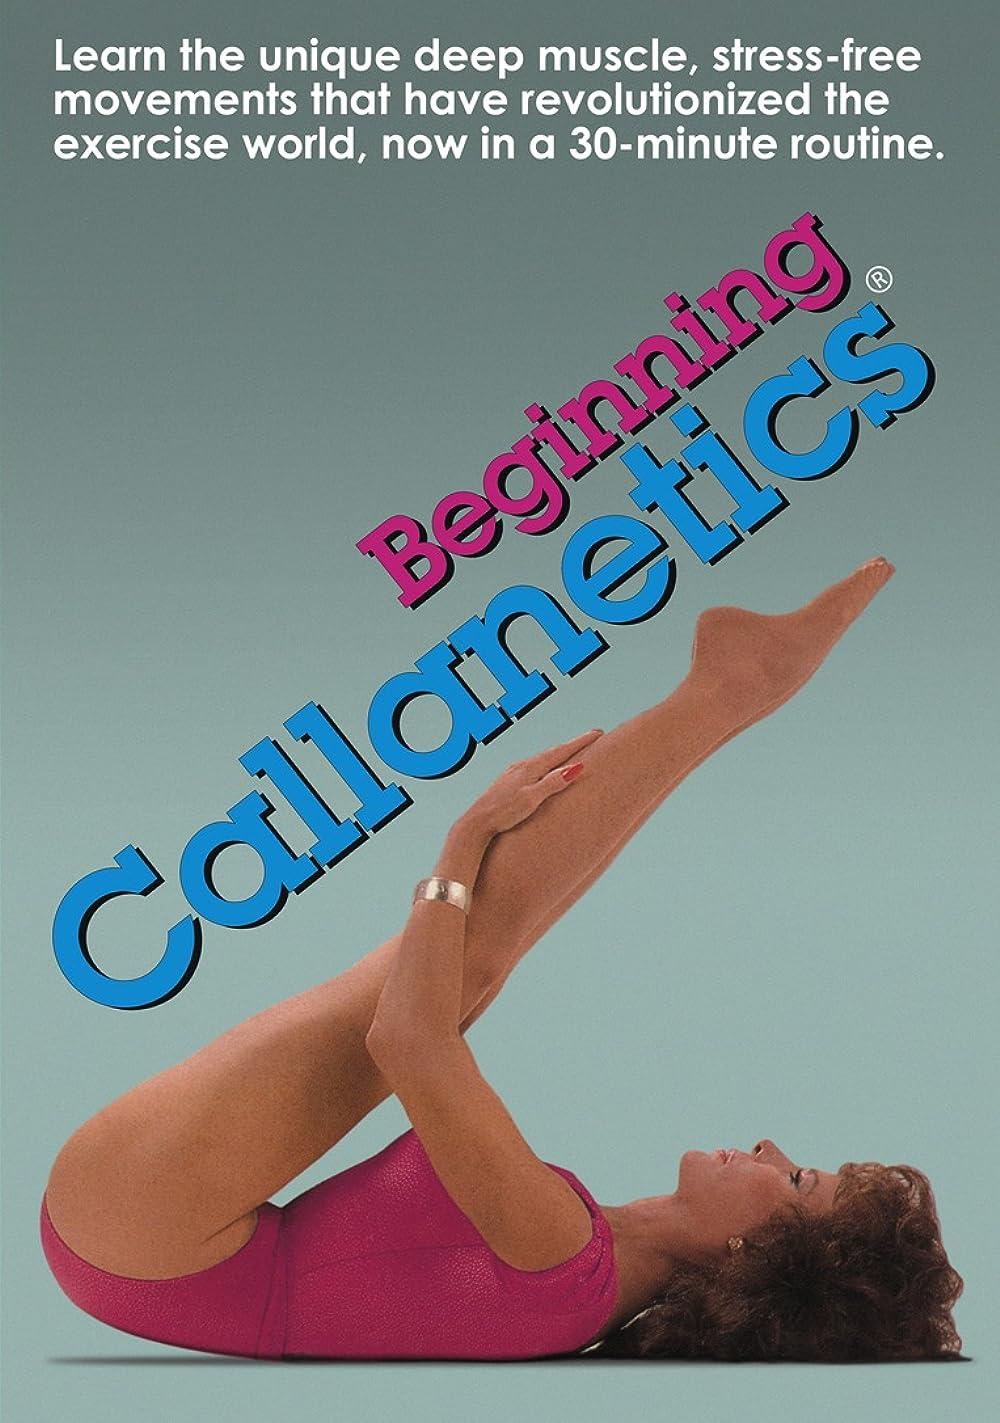 Exercises callanetics what is The Callanetics